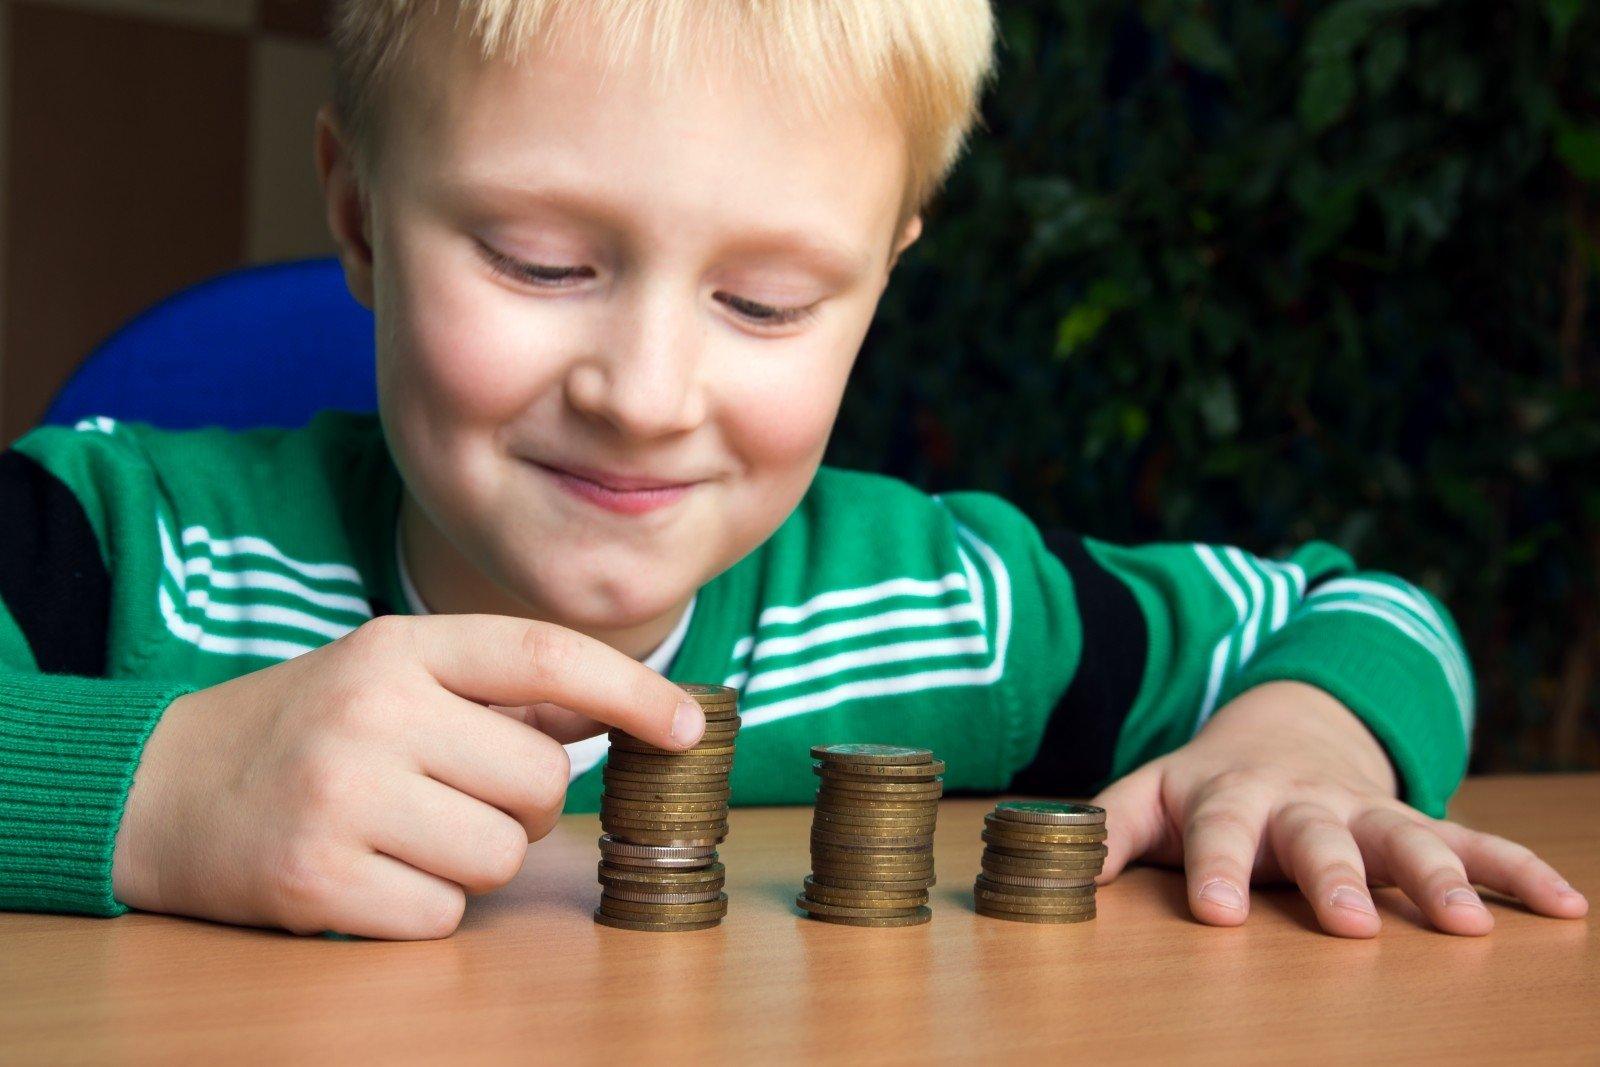 kaip vaikai gali usidirbti pinig)